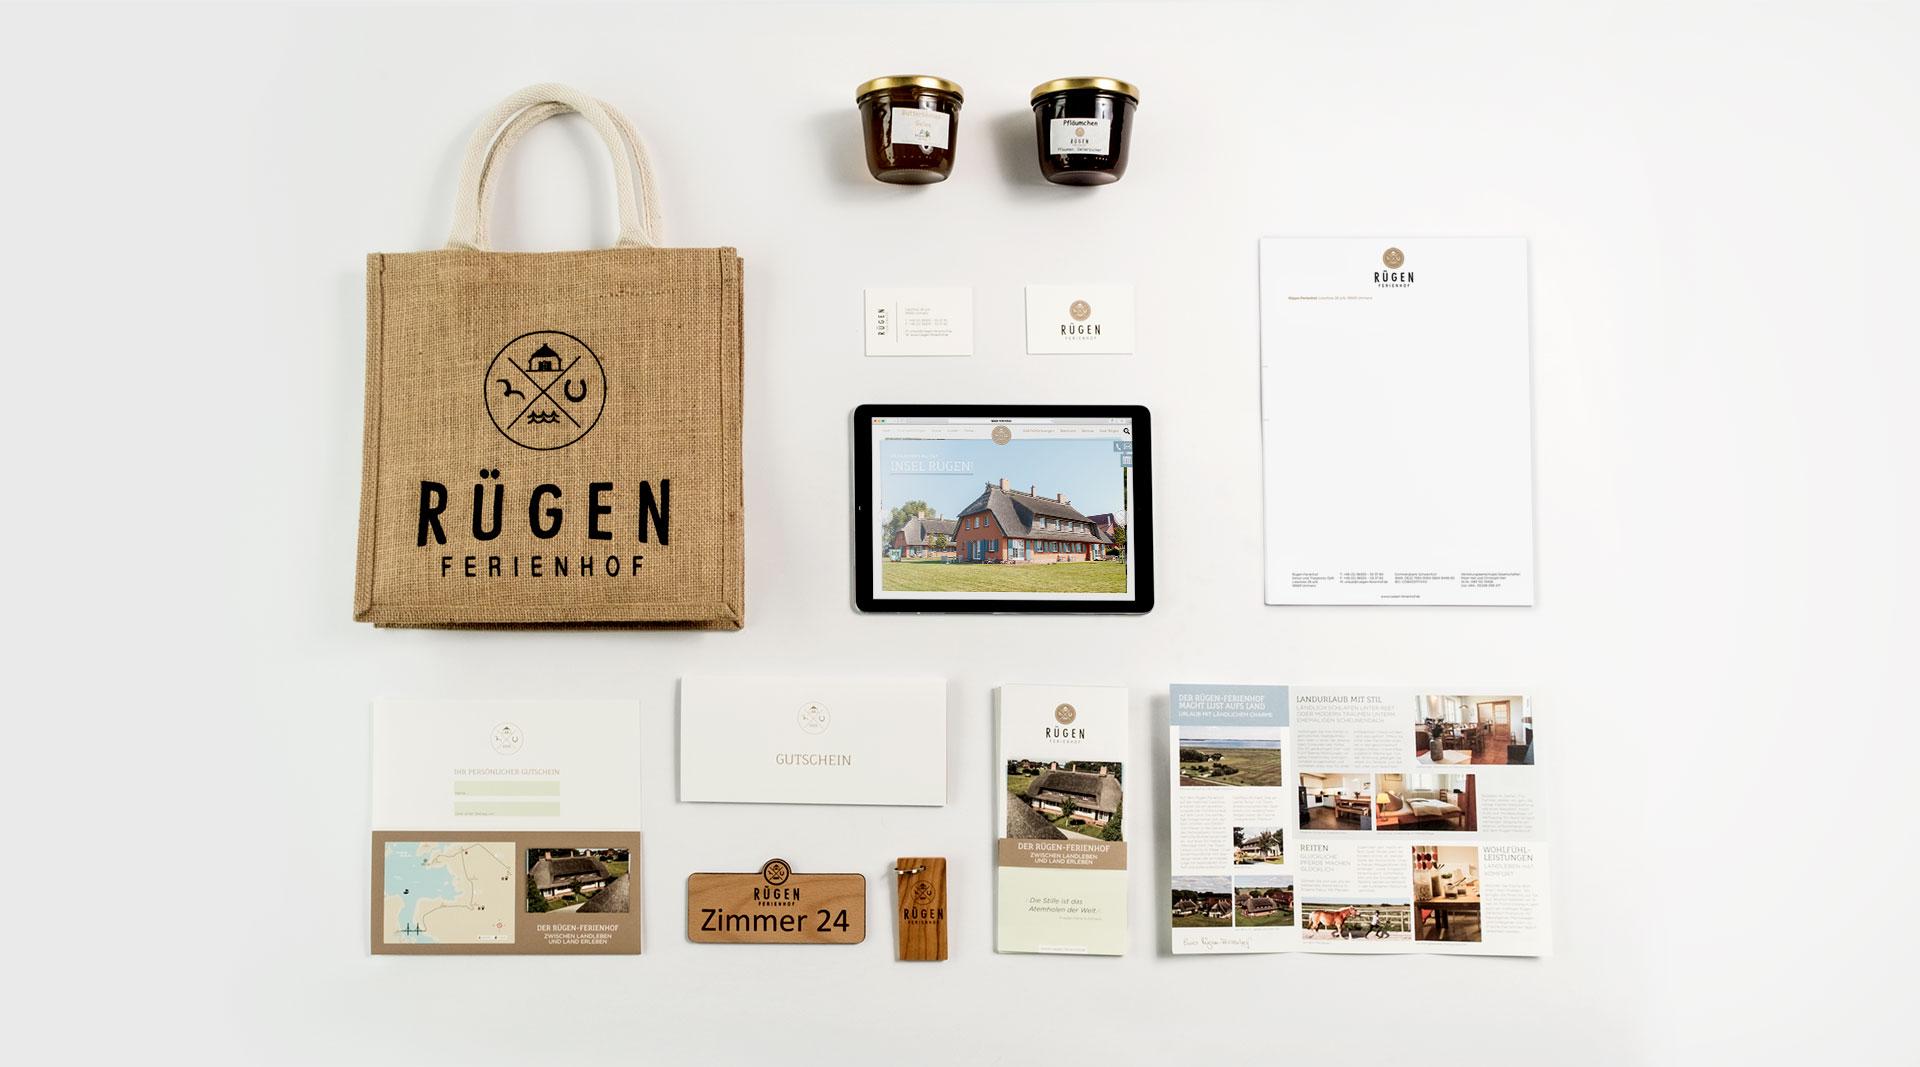 Rügen Ferienhof Design